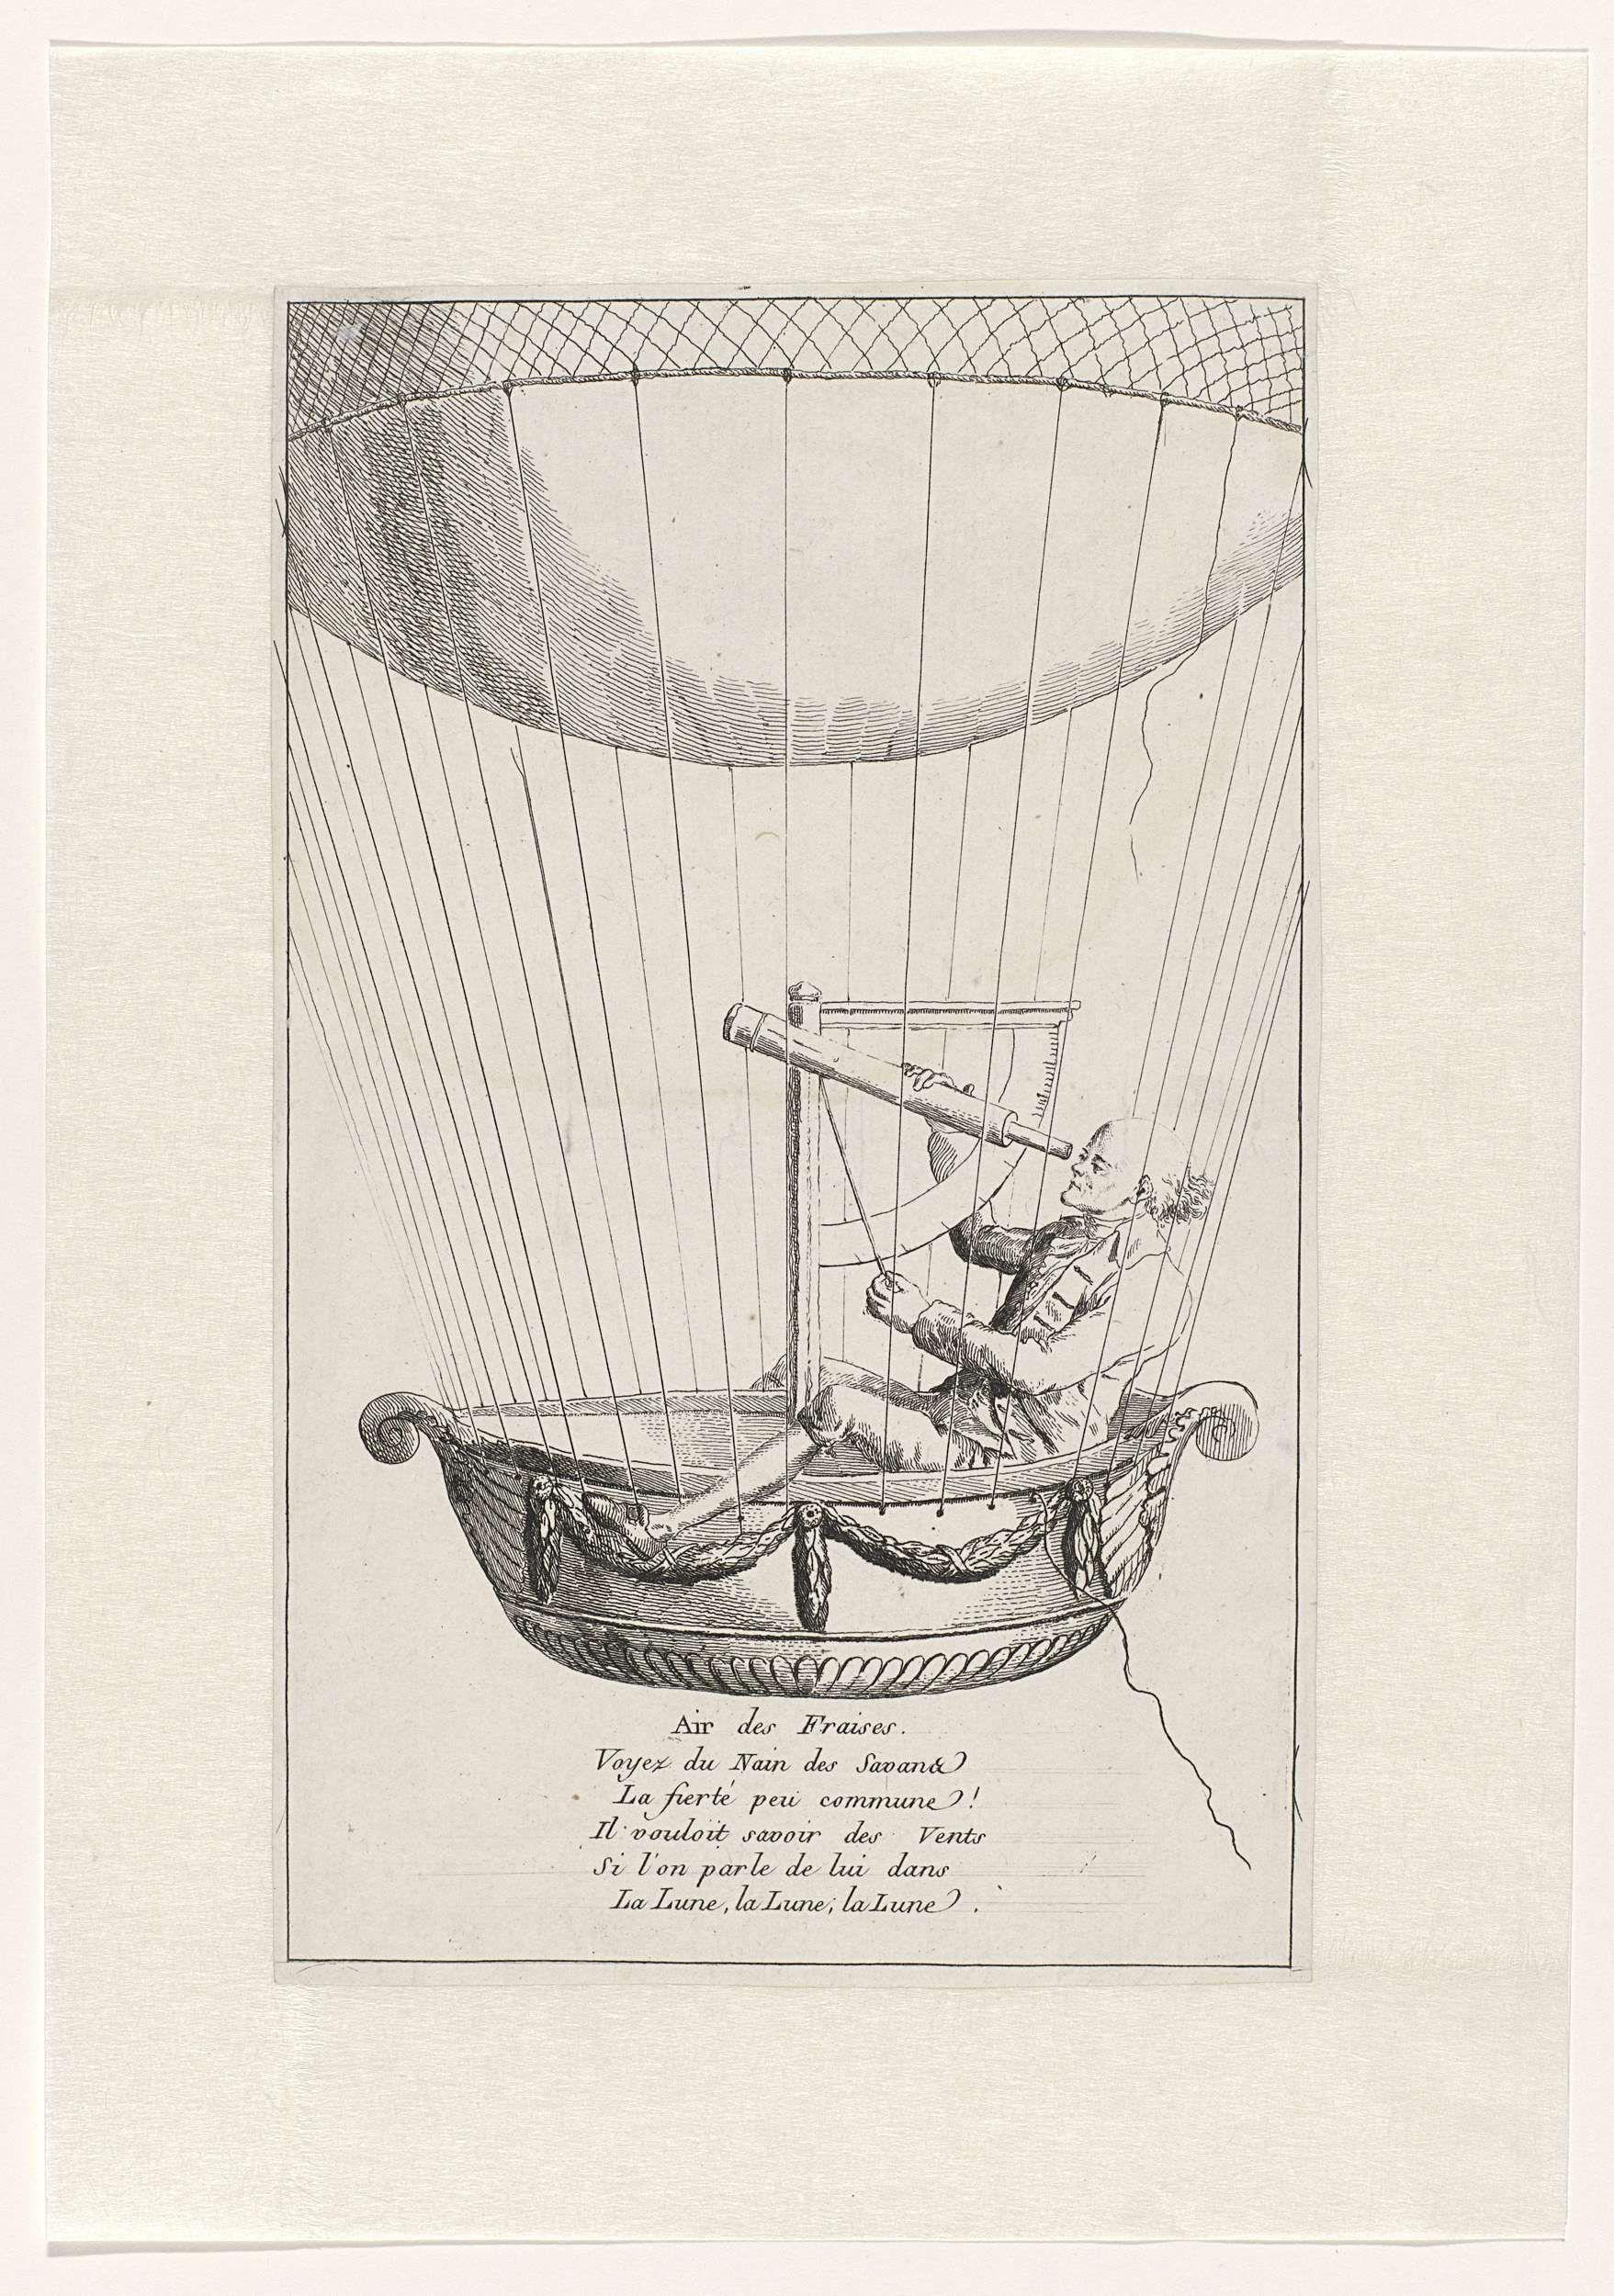 Anonymous | Satire op een ballonvaarder, Anonymous, 1700 - 1799 |